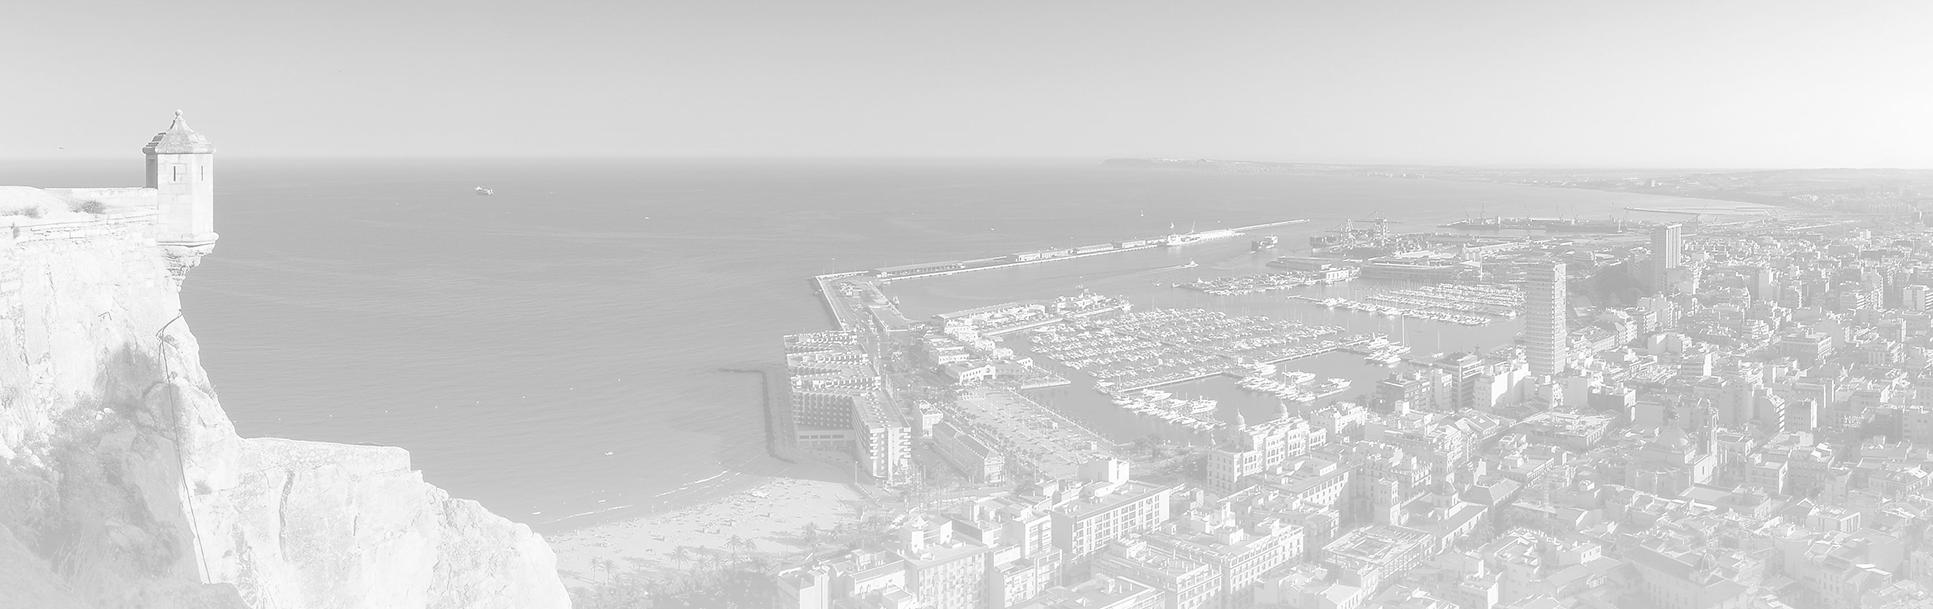 Inicia la búsqueda de pisos en Alicante.